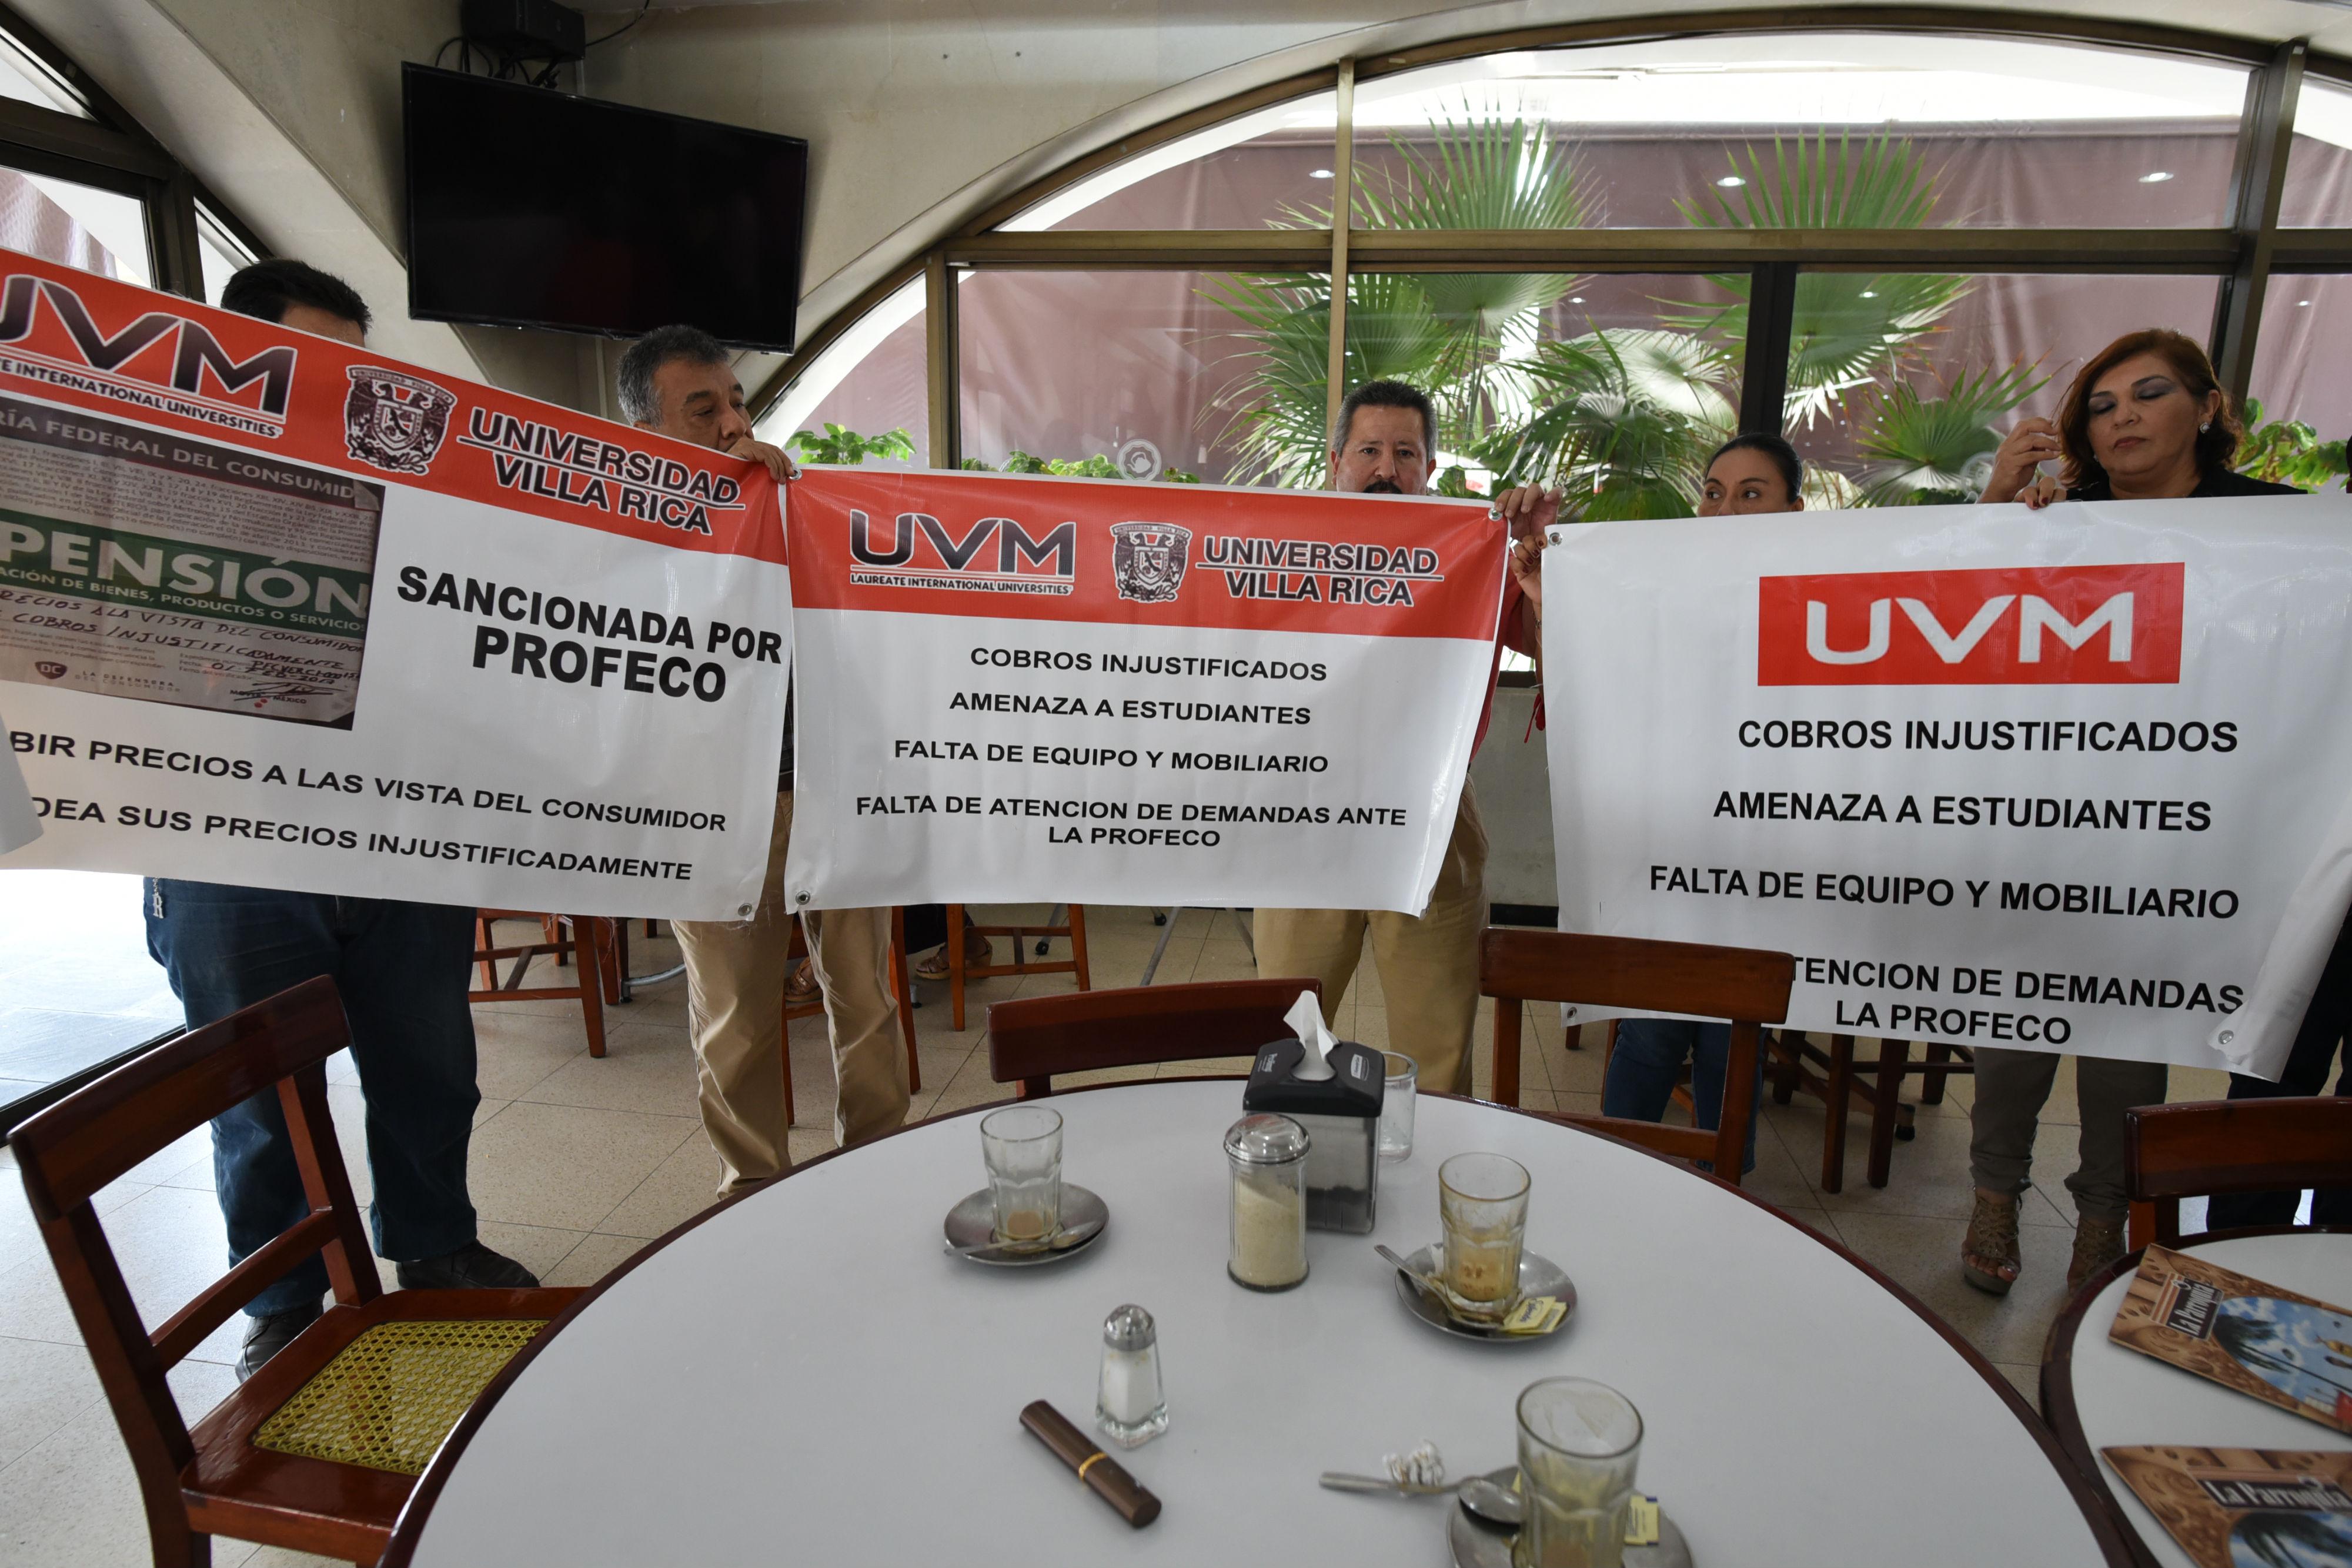 Denuncian padres de familia cobros indebidos en la Universidad del Valle de México